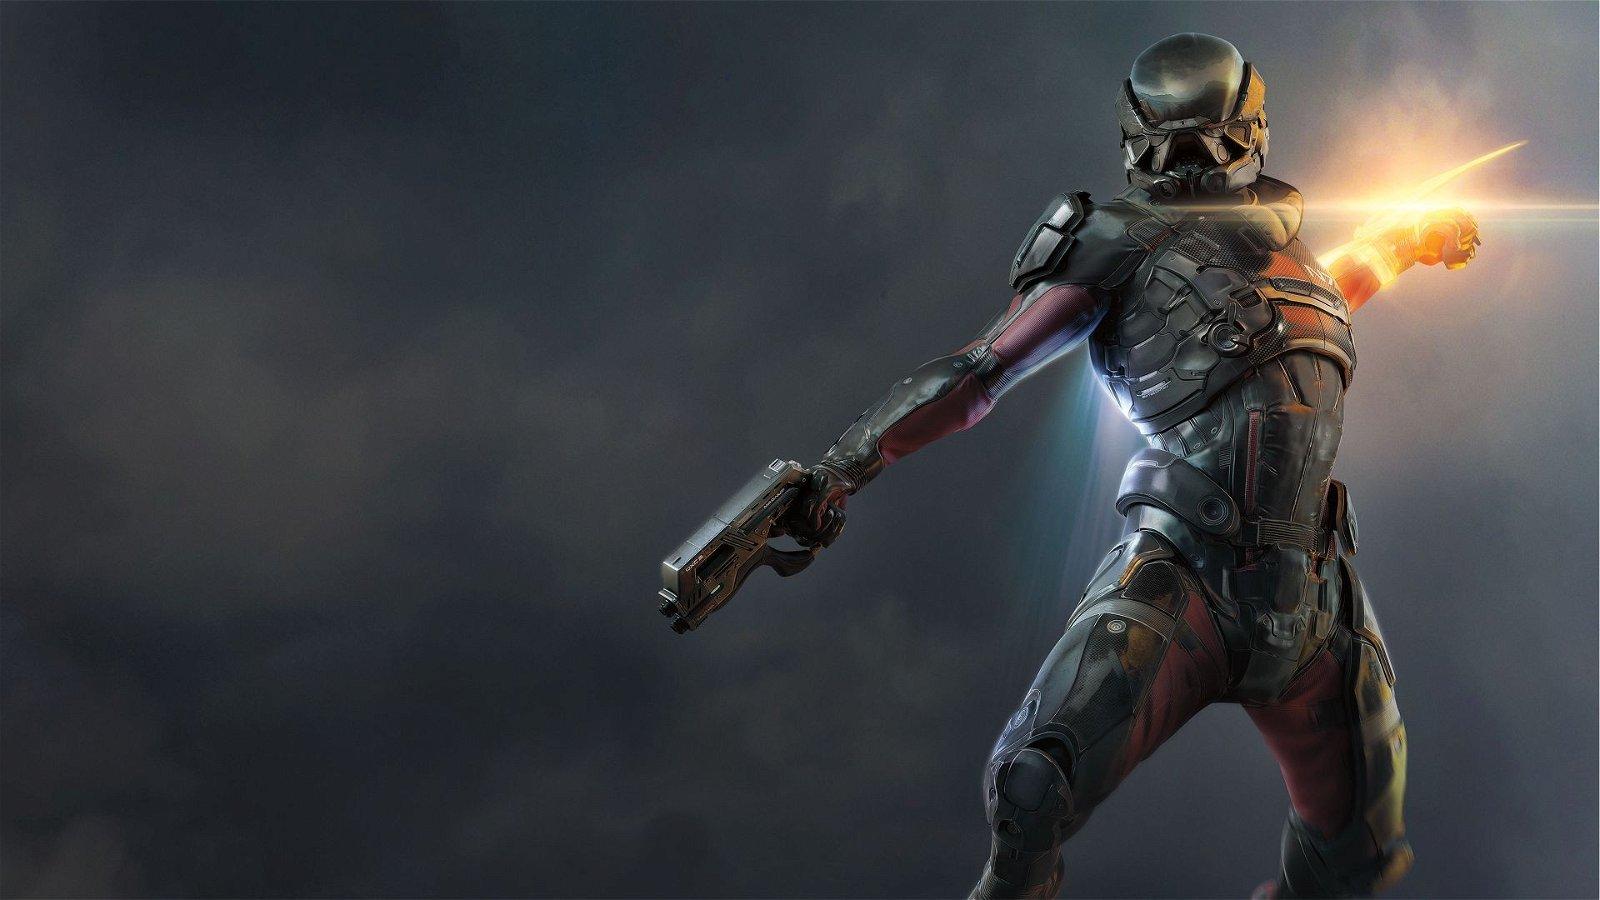 BioWare estrenará nueva saga a principios de 2018